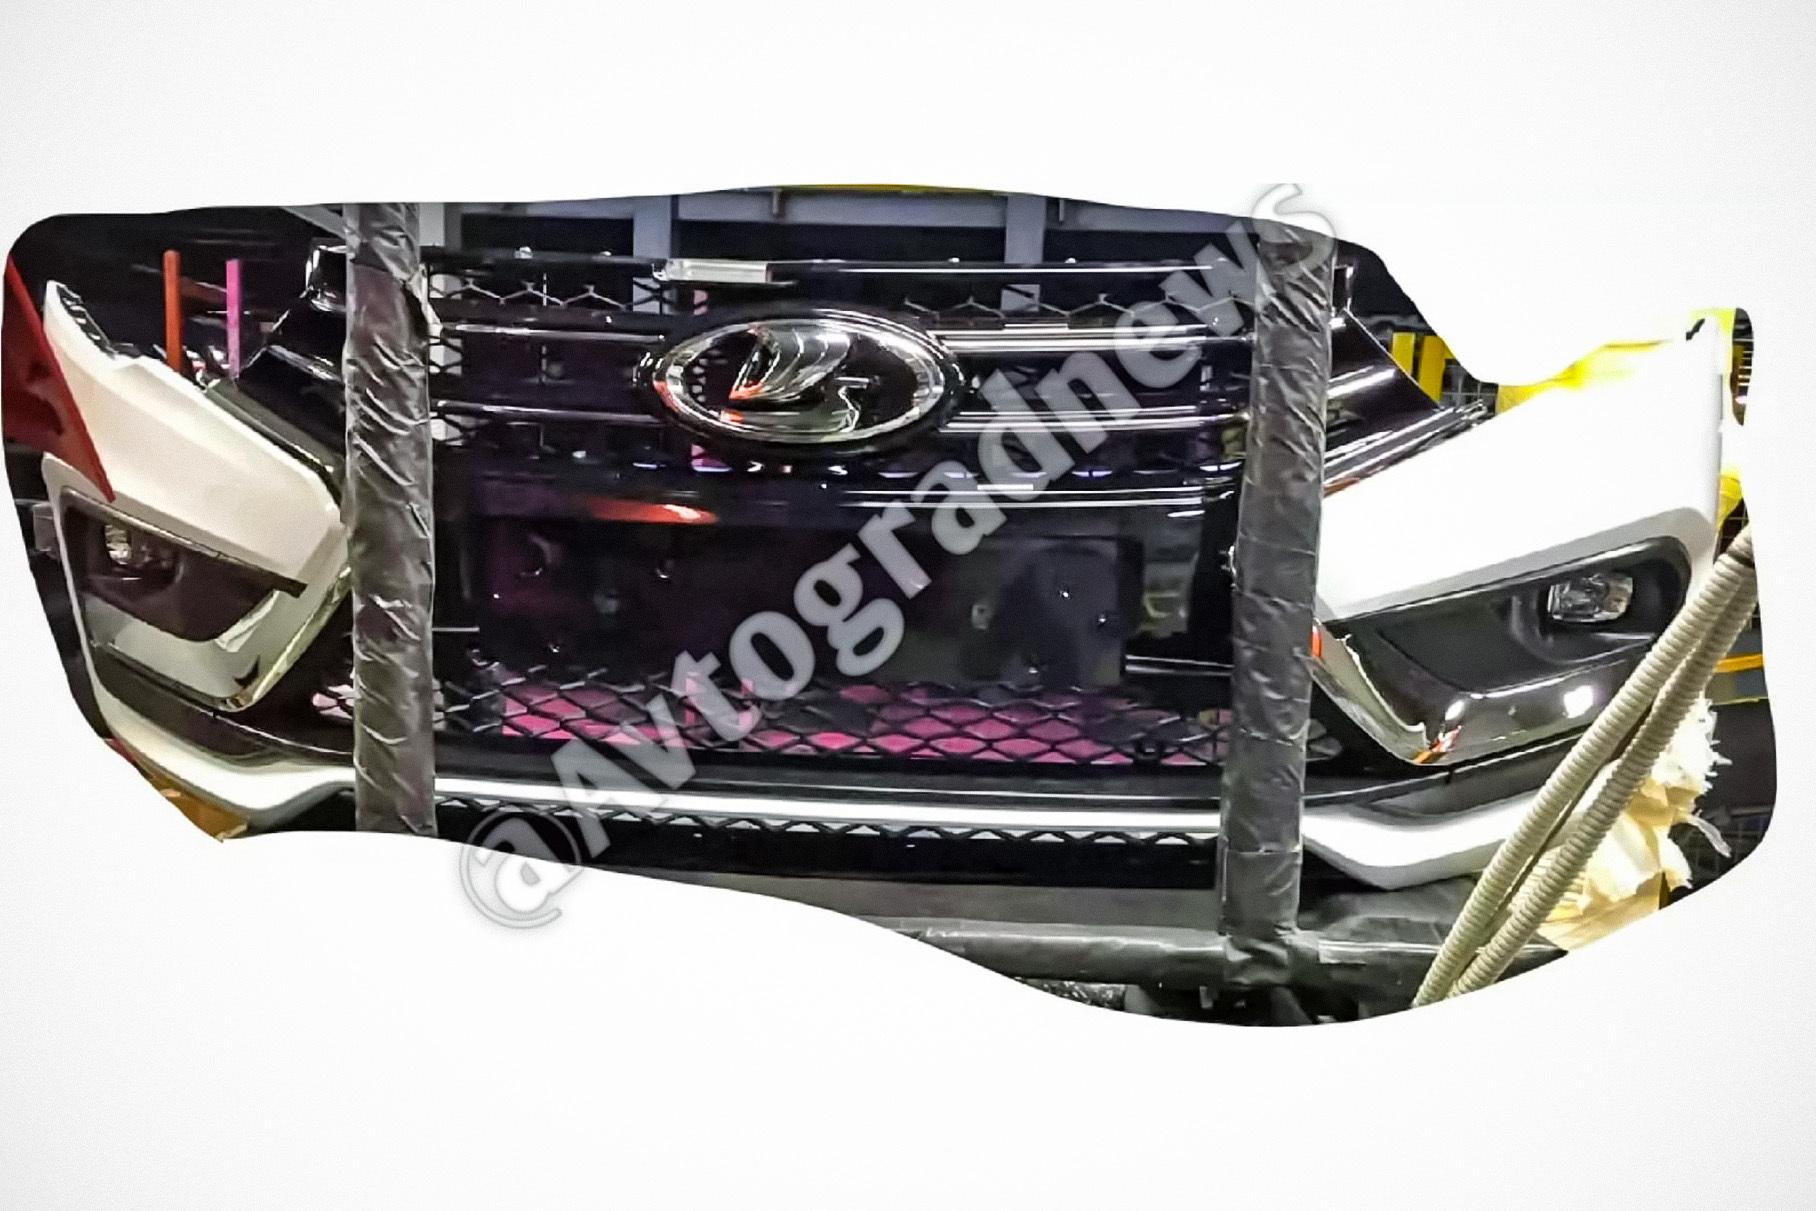 Появилась фотография переднего бампера обновленной Lada Vesta